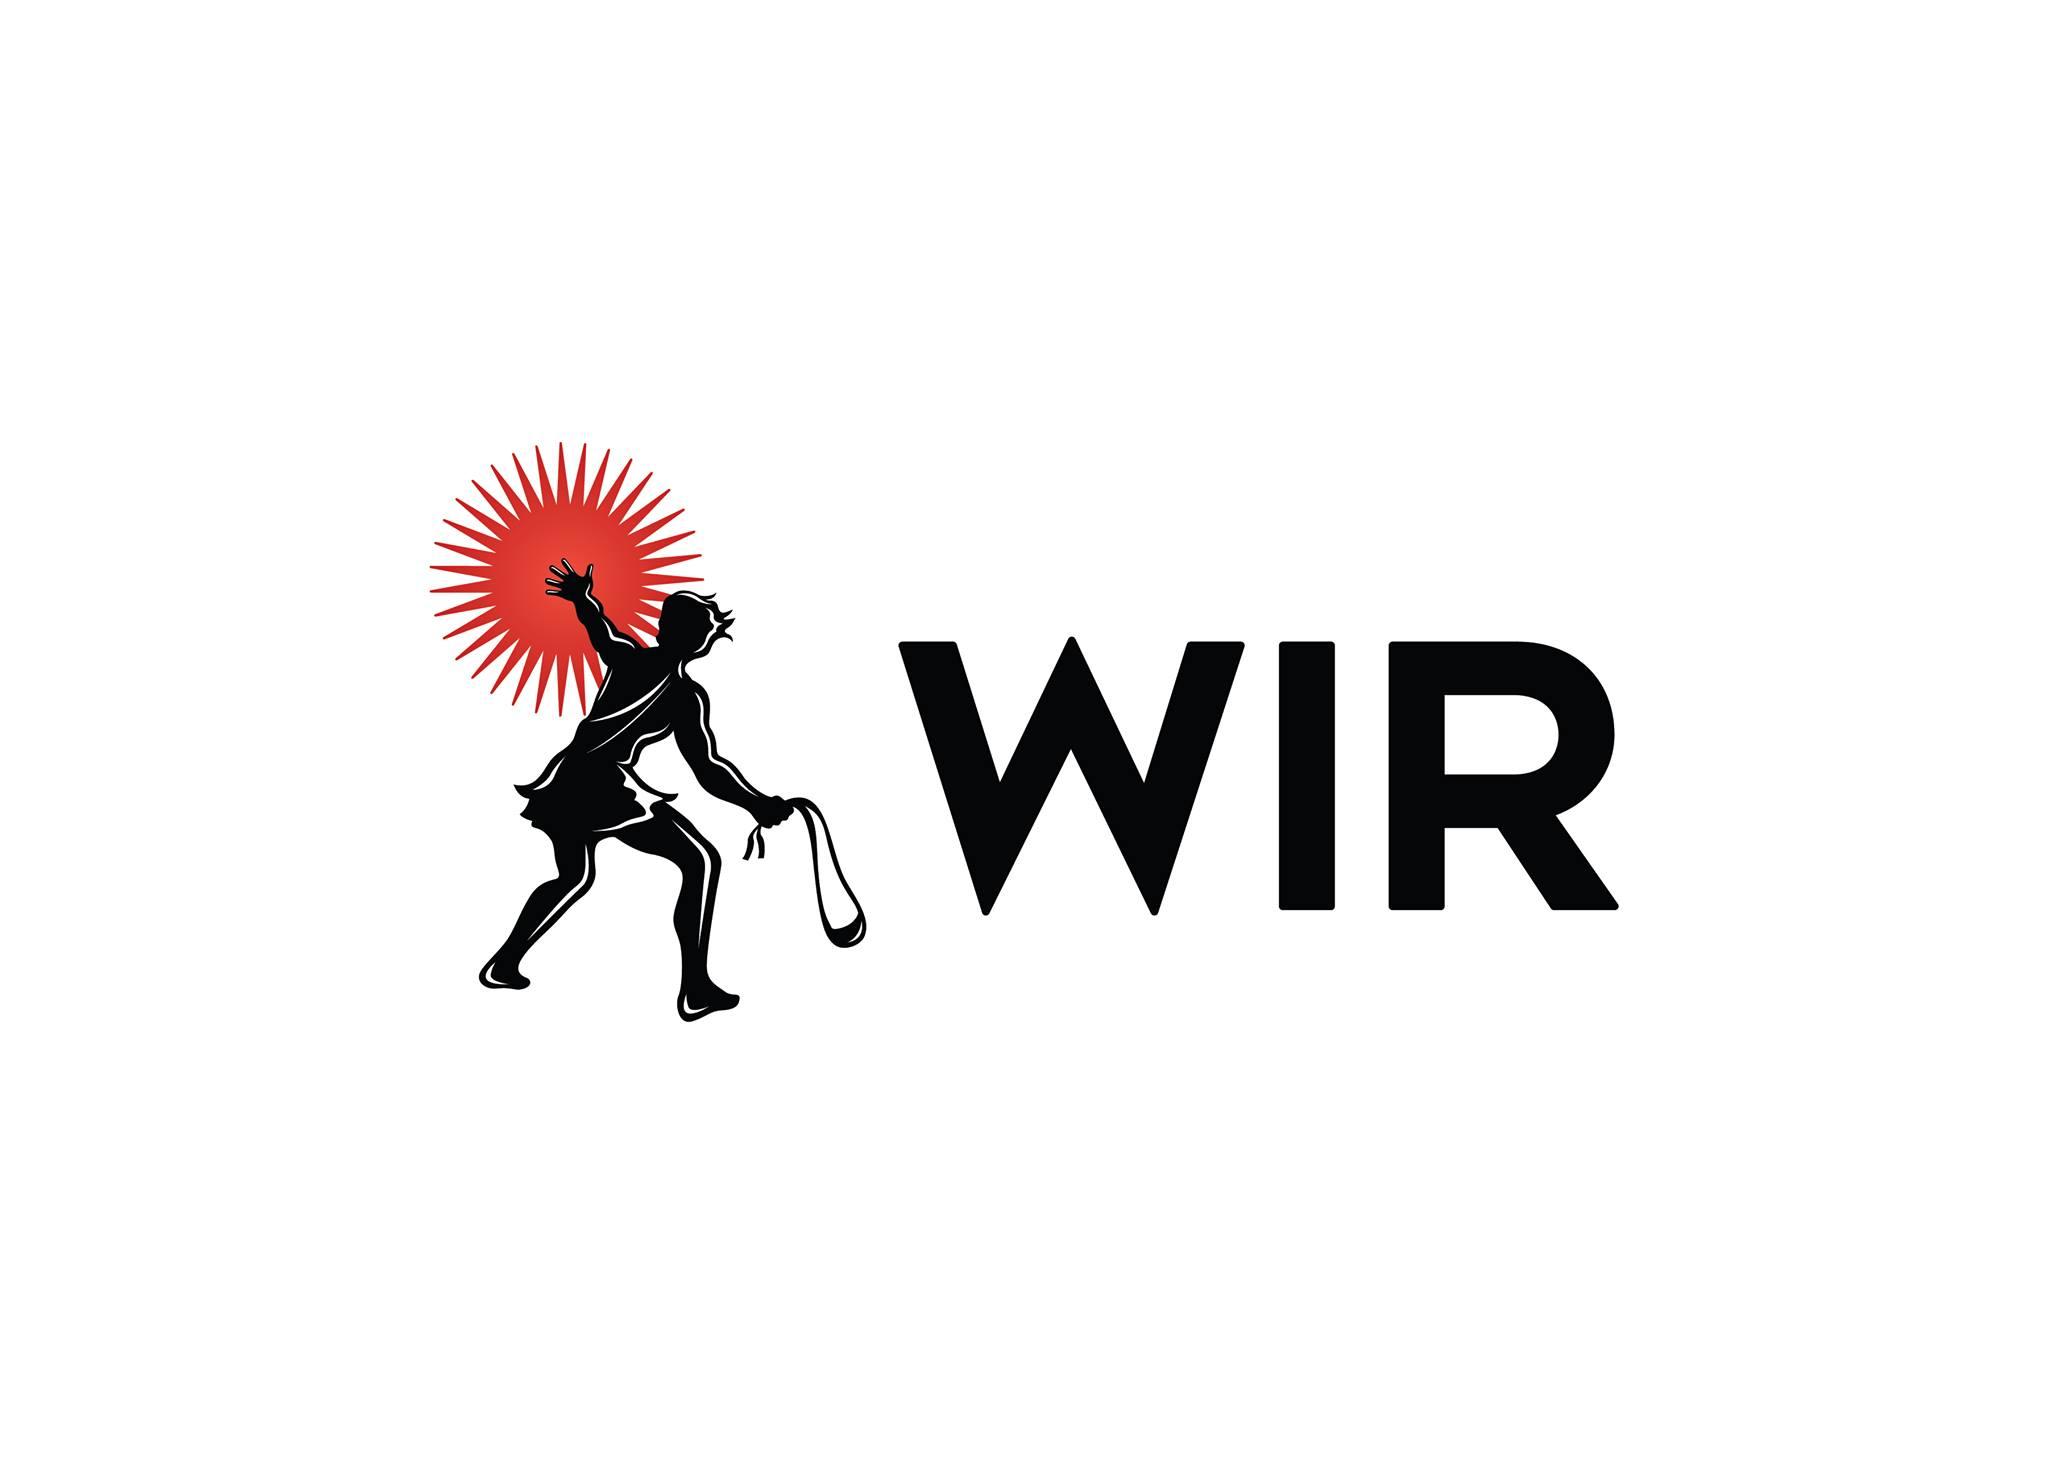 WIR Global company logo